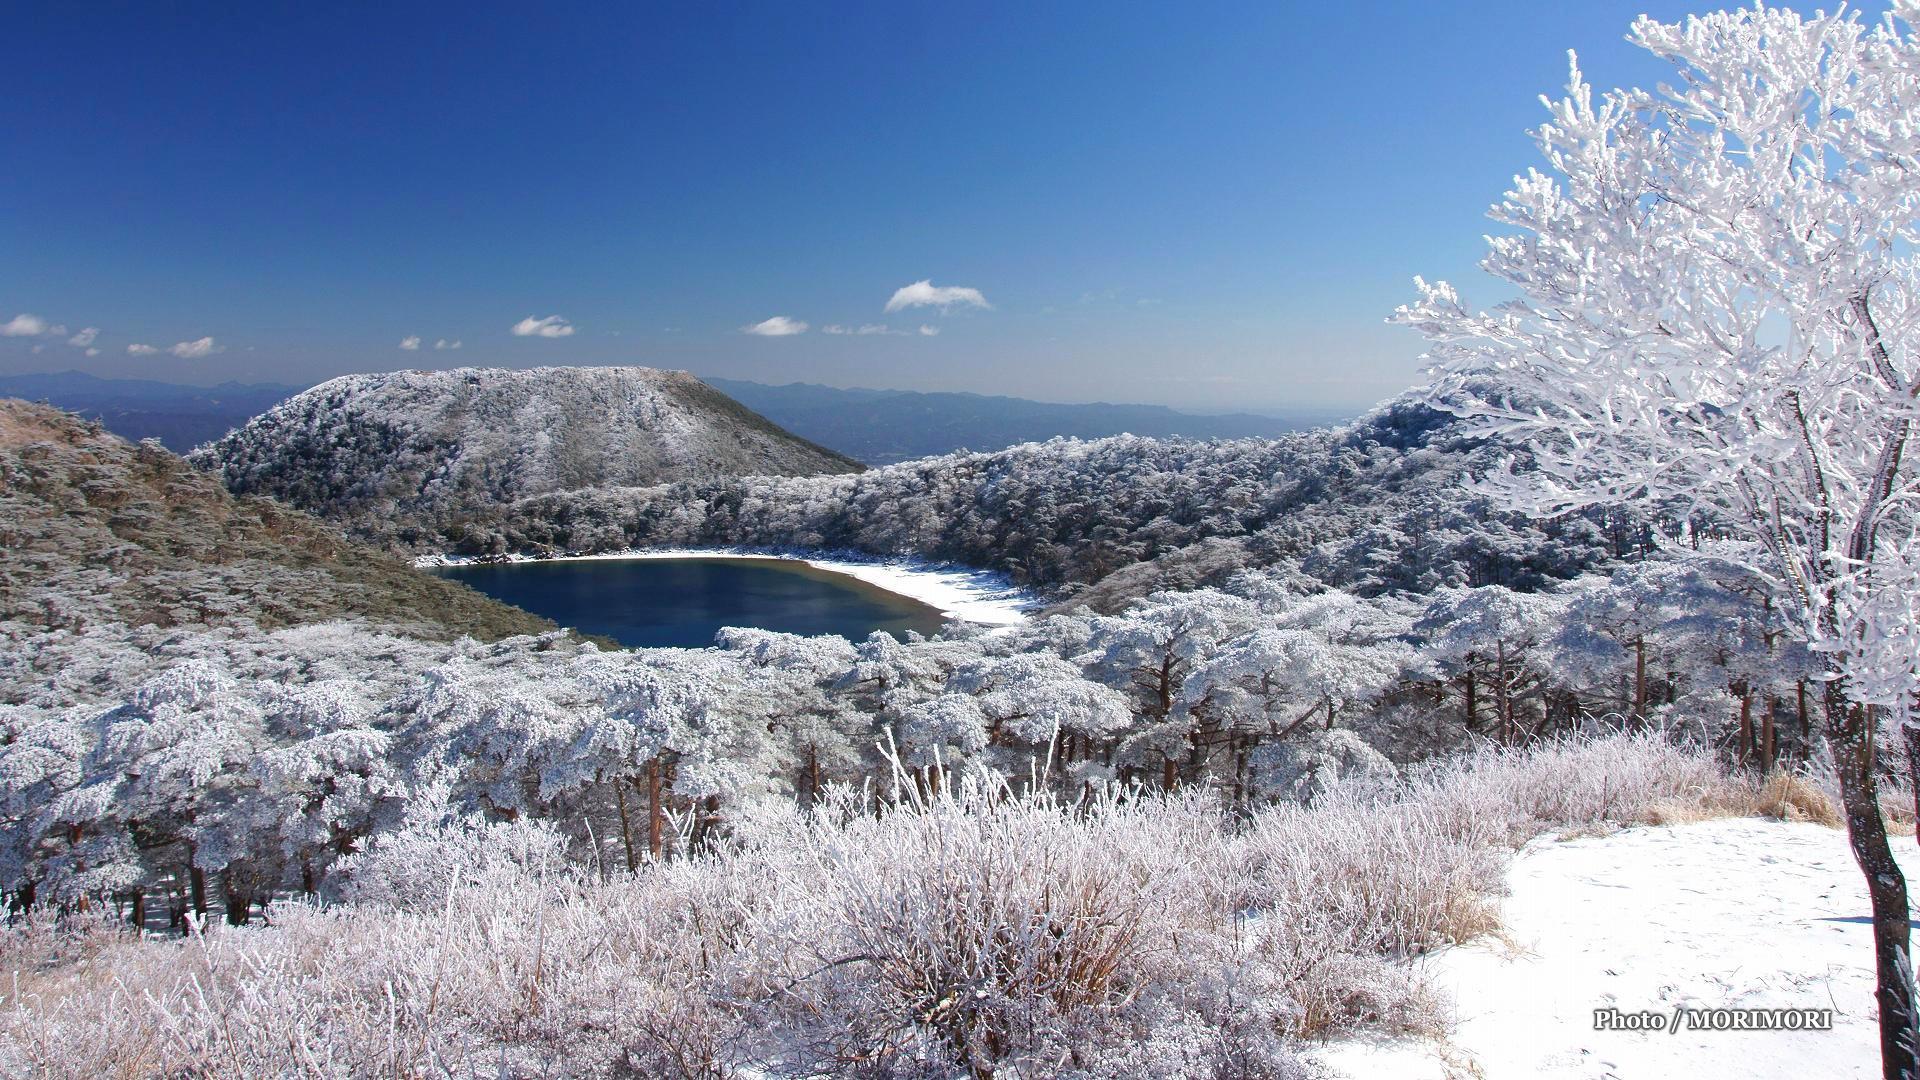 0aa87bb89a 積雪した風景 池巡りコース 二湖パノラマ展望台より